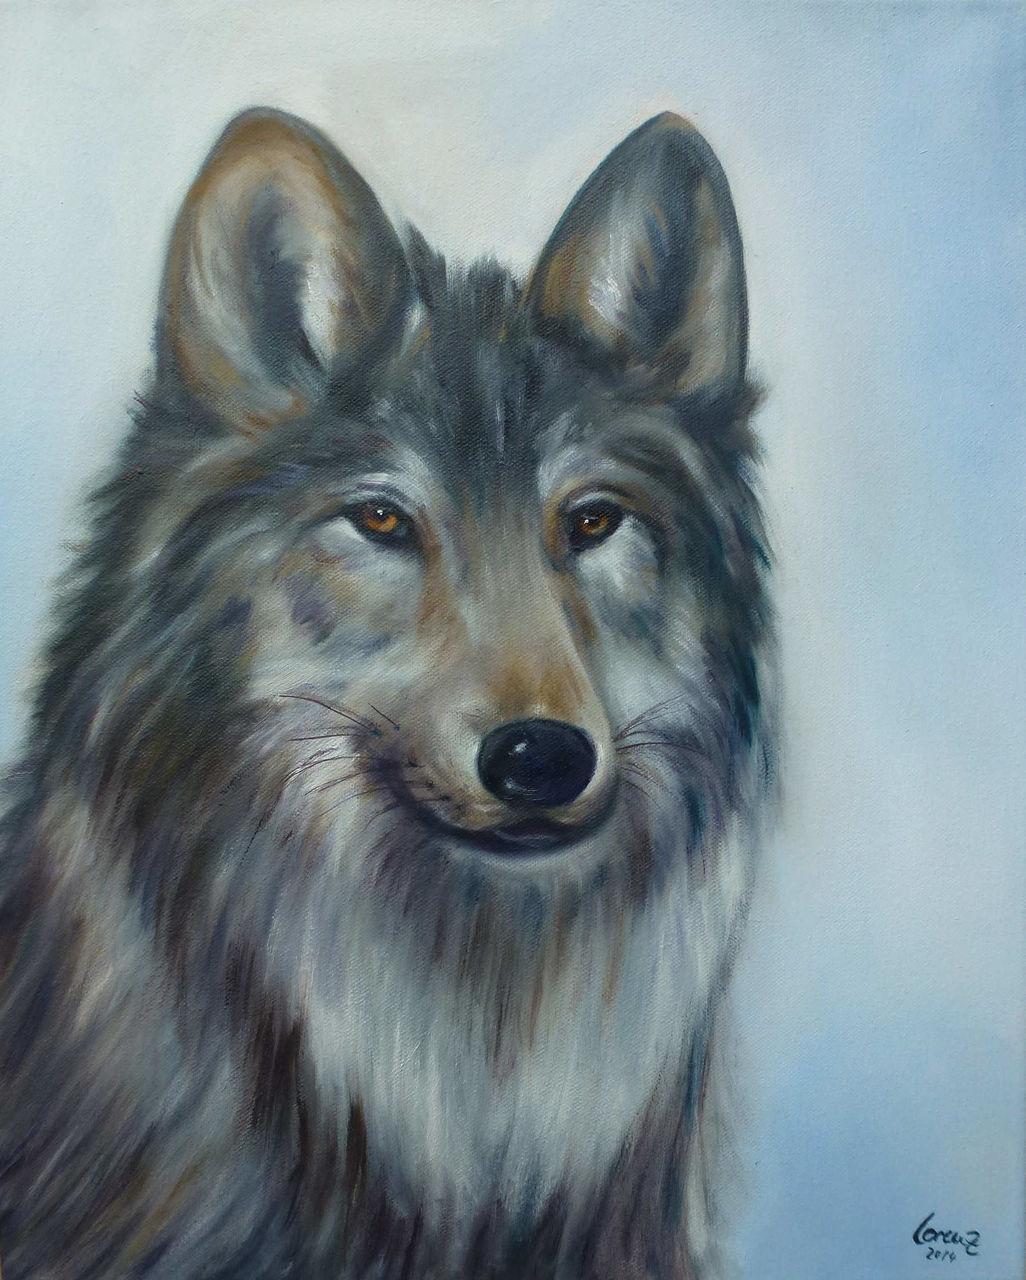 bild wolf tiere tierportrait malerei von gunter lorenz. Black Bedroom Furniture Sets. Home Design Ideas